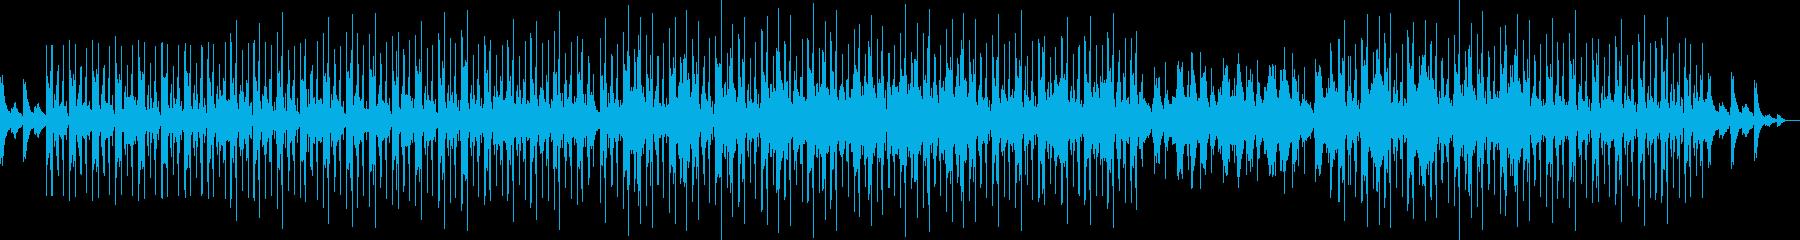 ゆったりとしたbreakbeats.の再生済みの波形